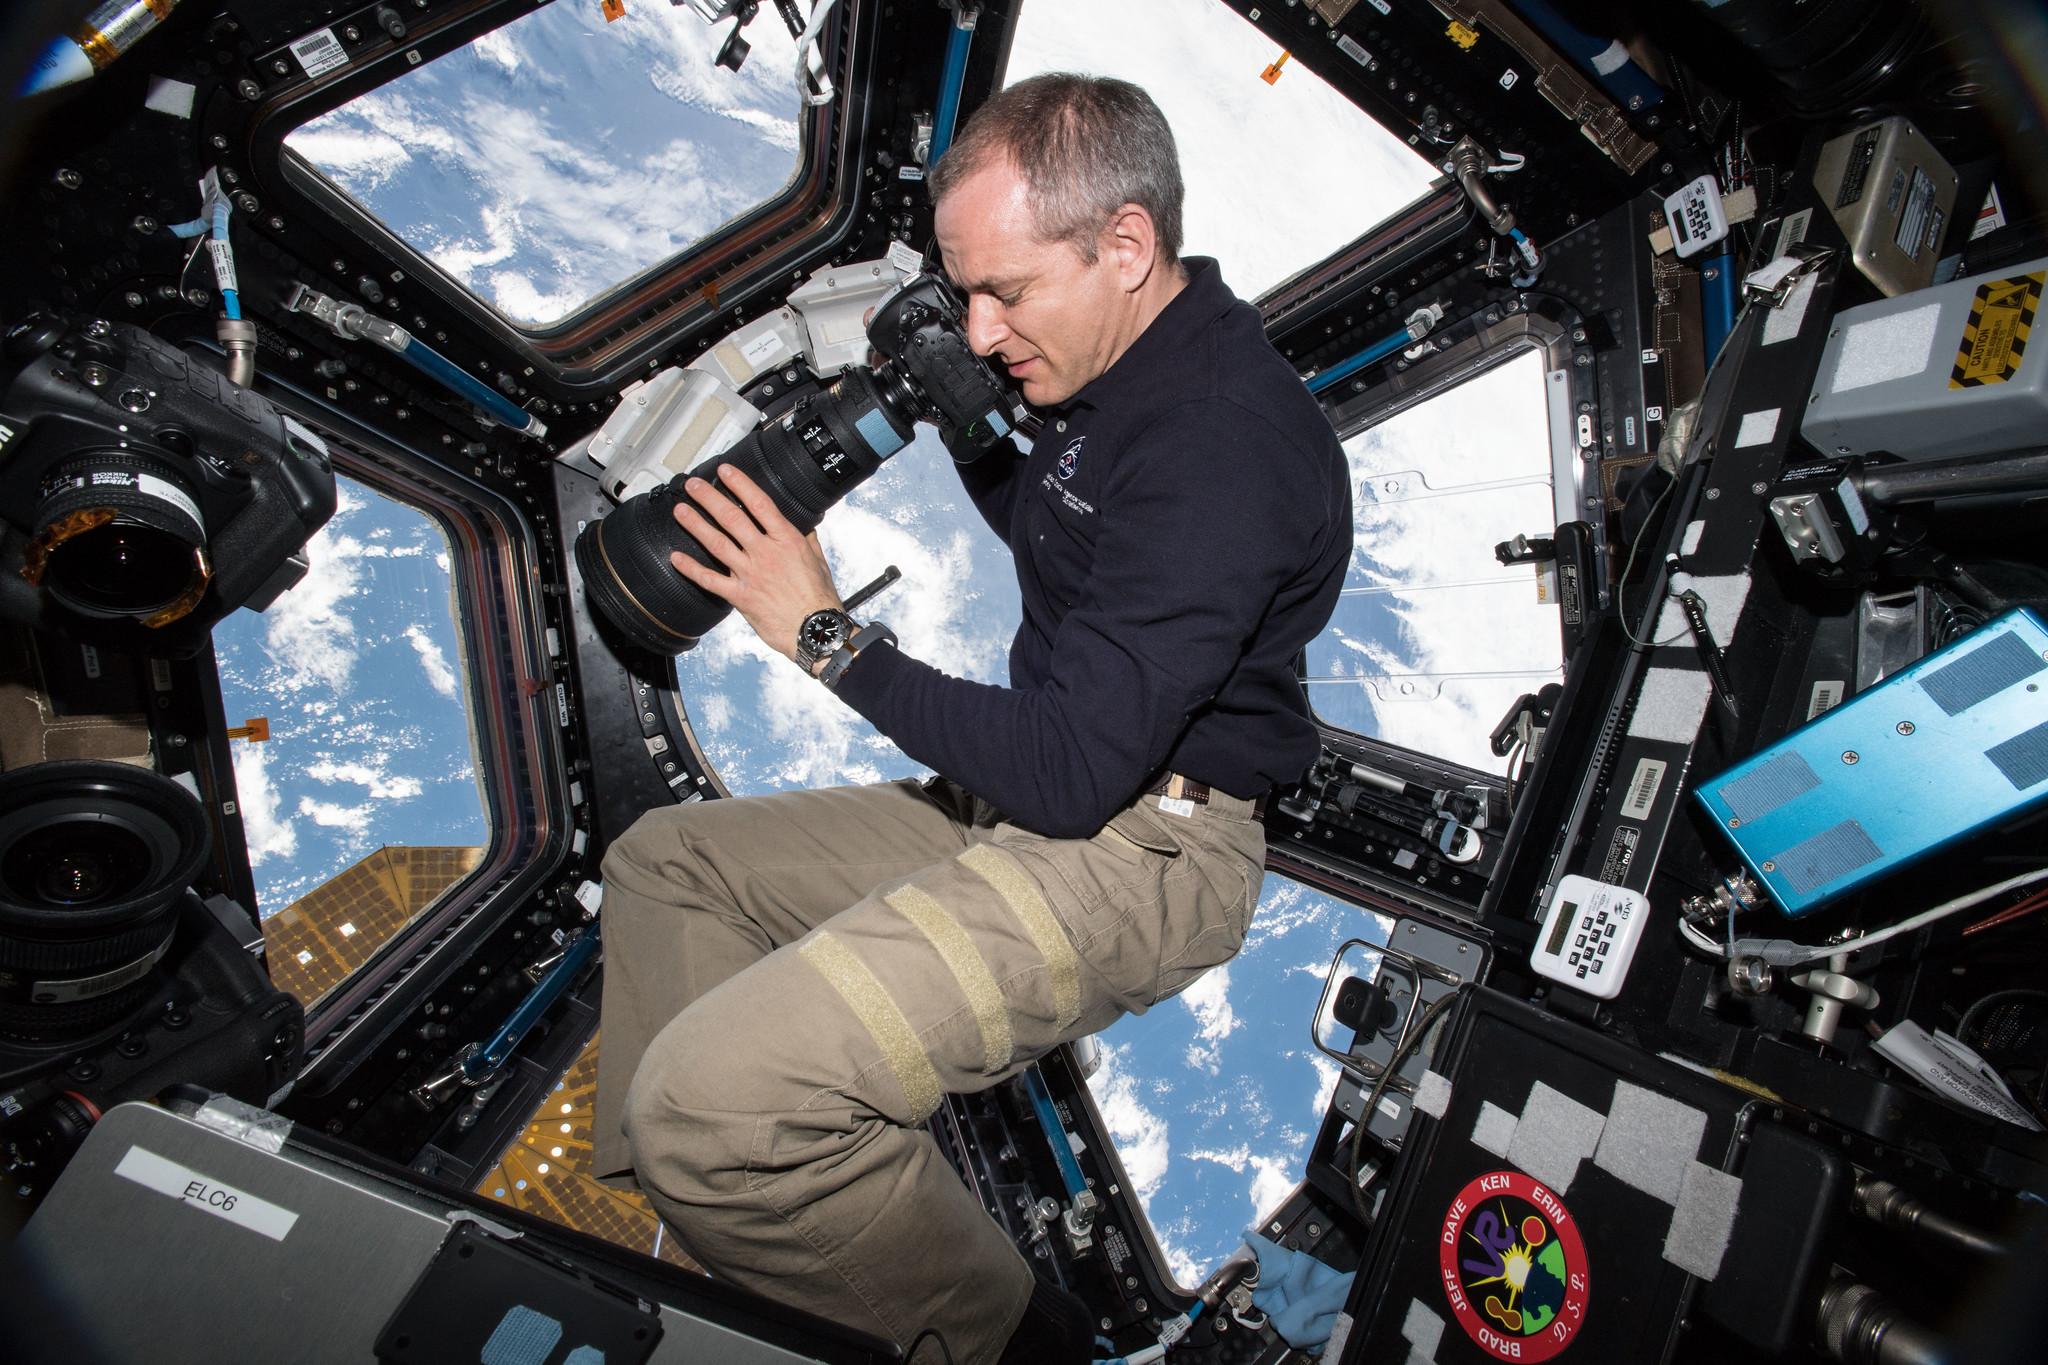 L'astronaute David Saint-Jacques de l'Agence spatiale canadienne prend des photos de la Terre ci-dessous à l'intérieur de l'observatoire Cupola de la Station spatiale internationale, le 15 janvier 2019.